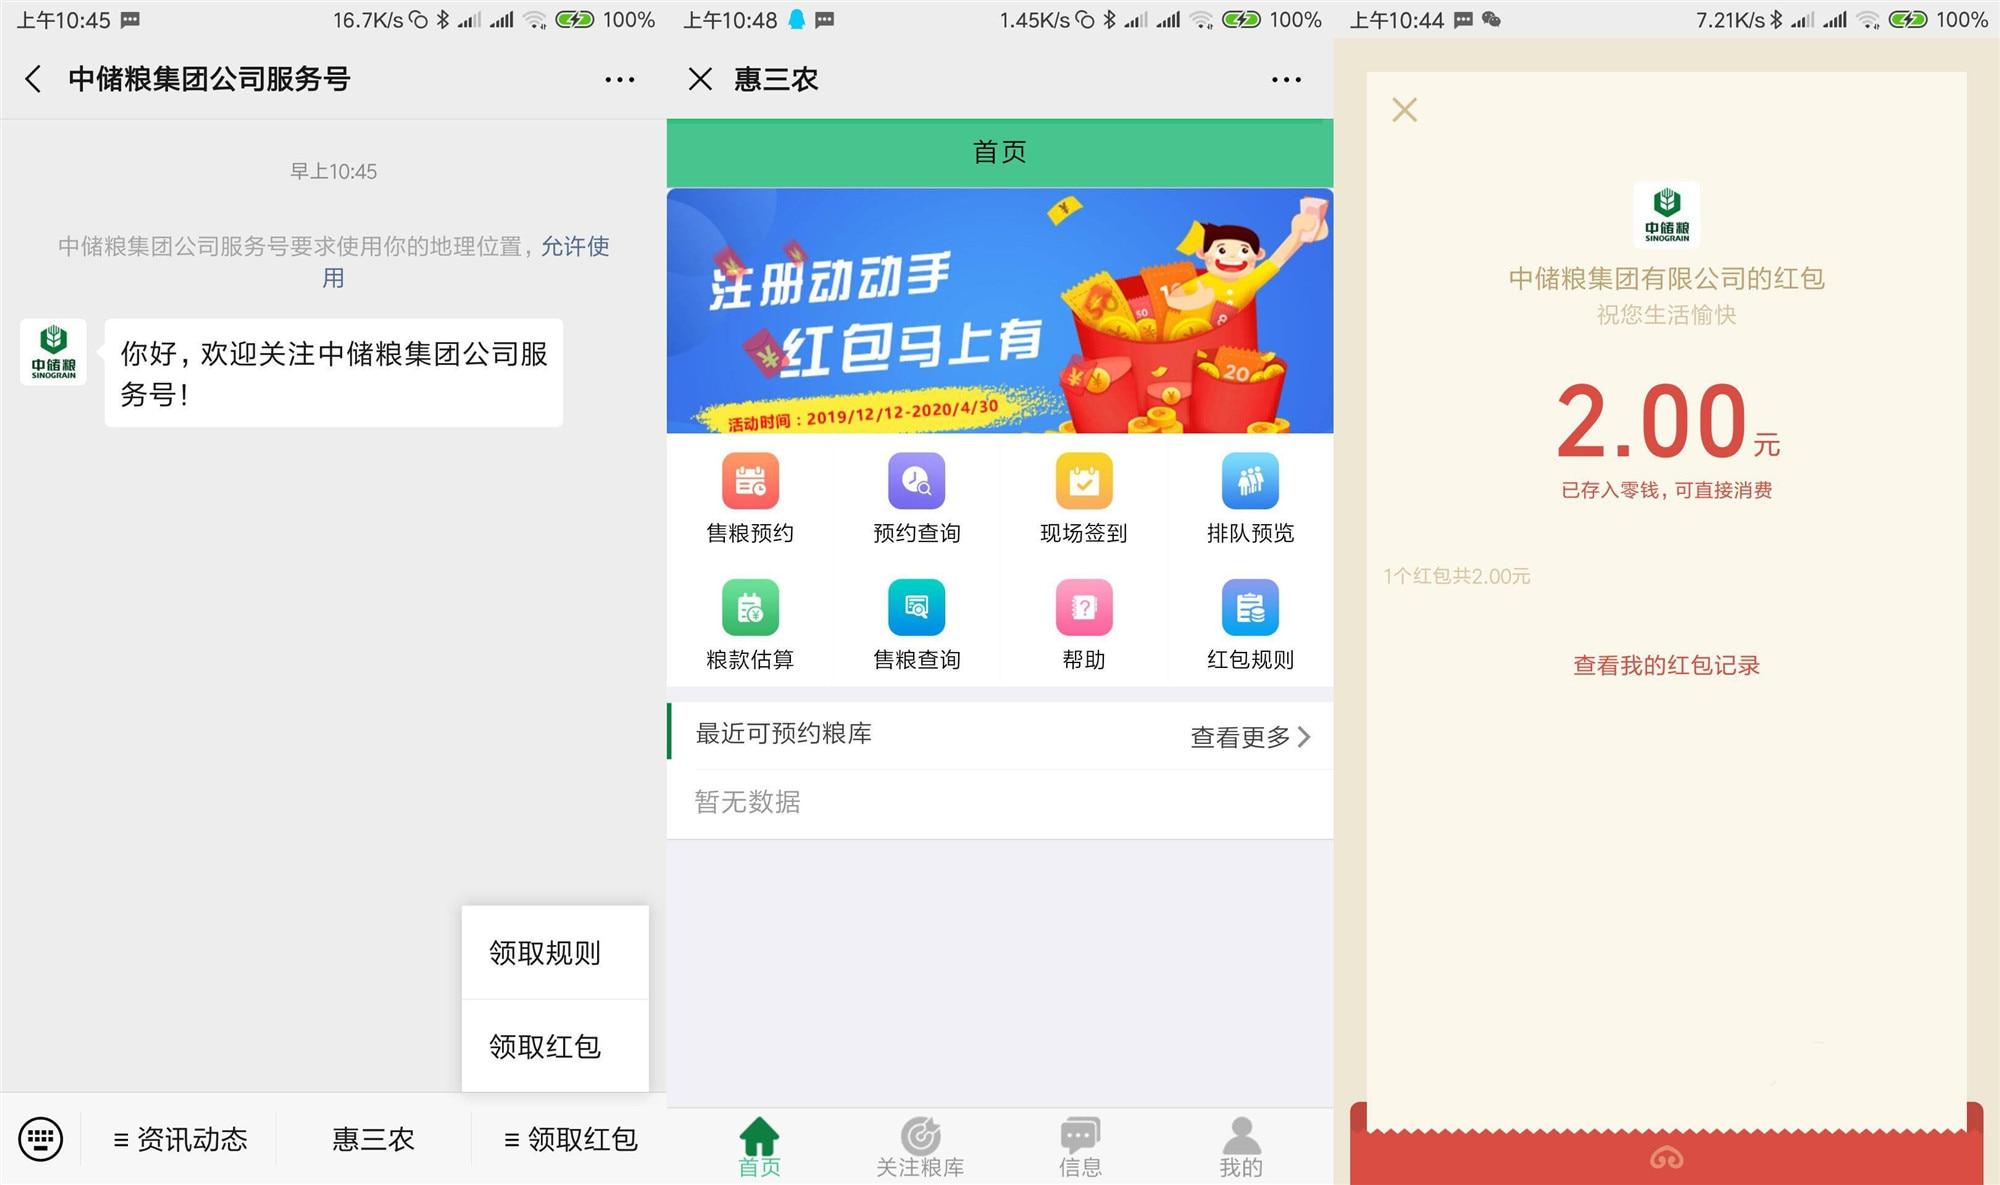 中储粮集团公司服务号领2元红包